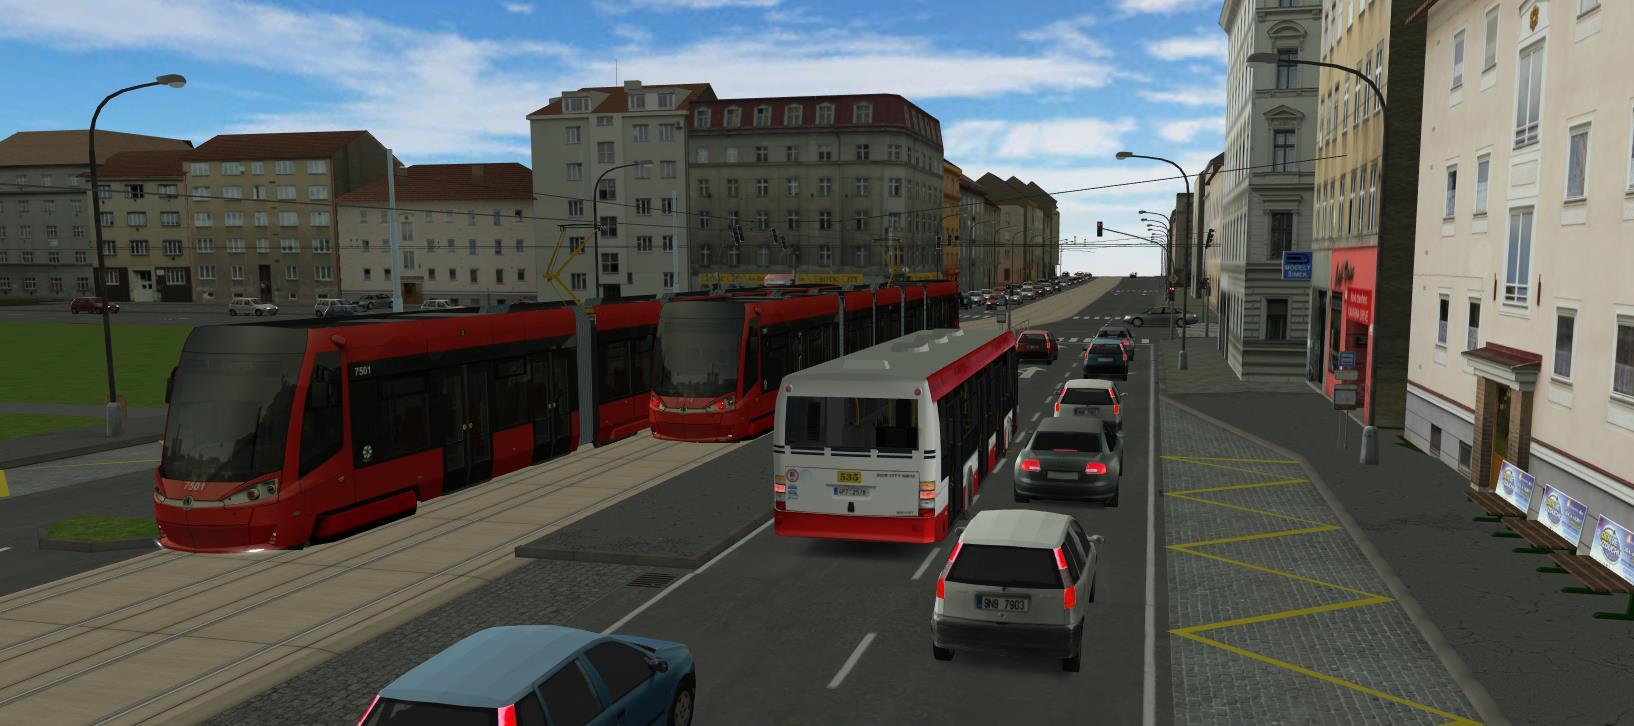 SIMT MHD - Český mhd simulátor, první hra s pořádnými trolejbusy 12755